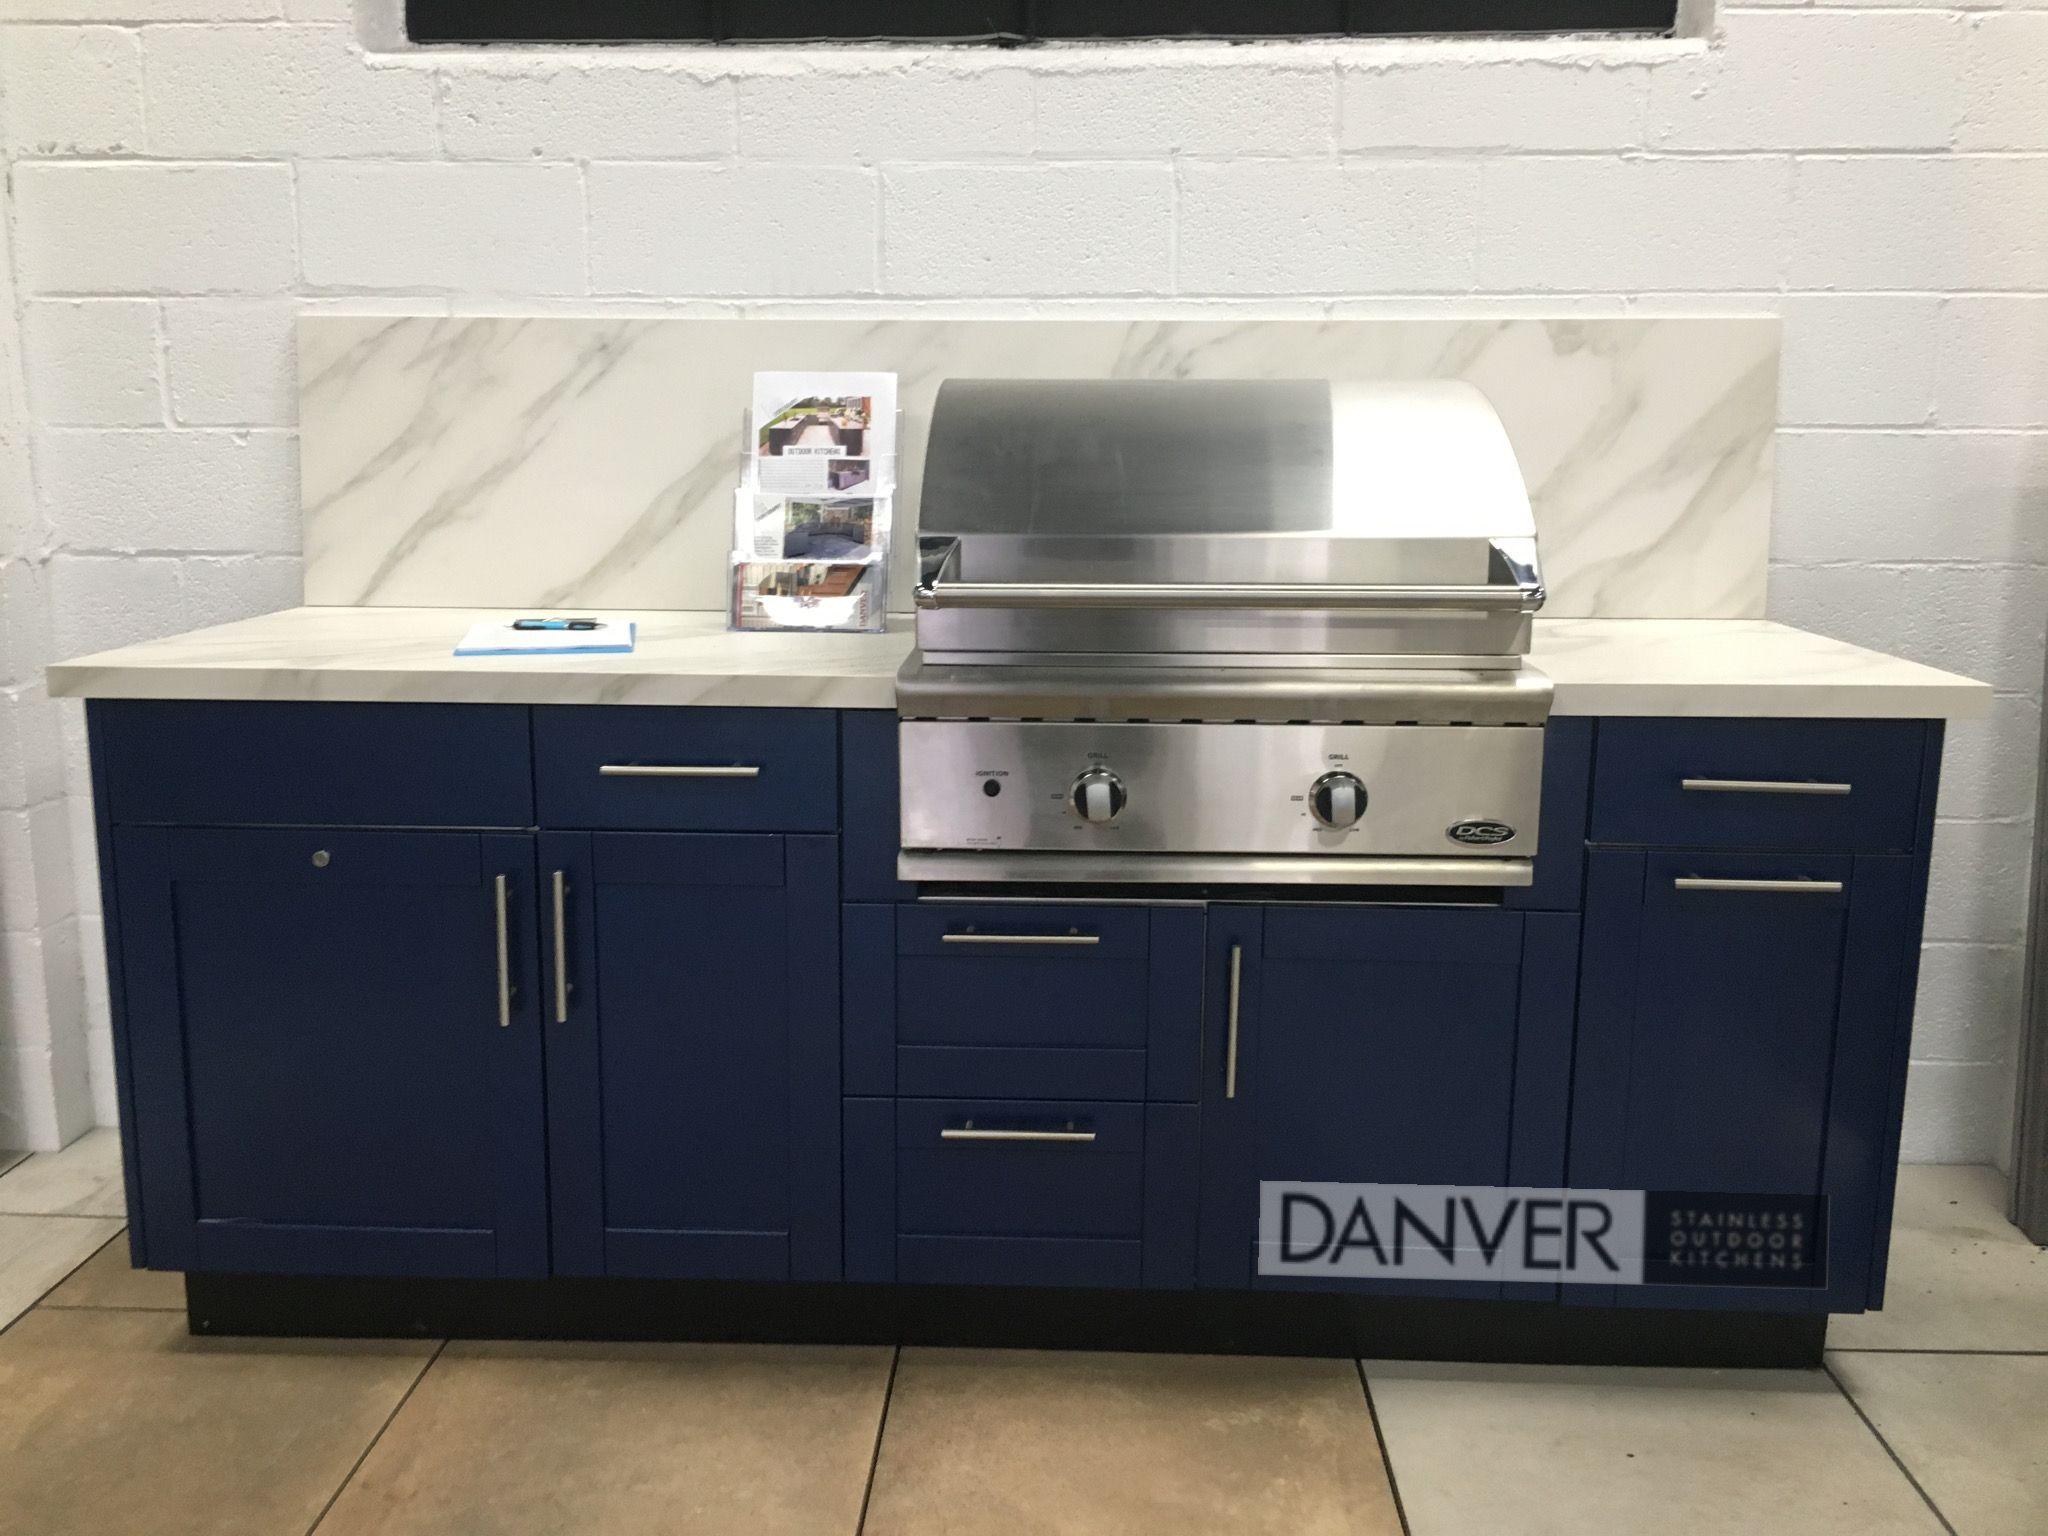 Danver Stainless Steel Outdoor Kitchen Outdoor Kitchen Cabinets Outdoor Kitchen Kitchen